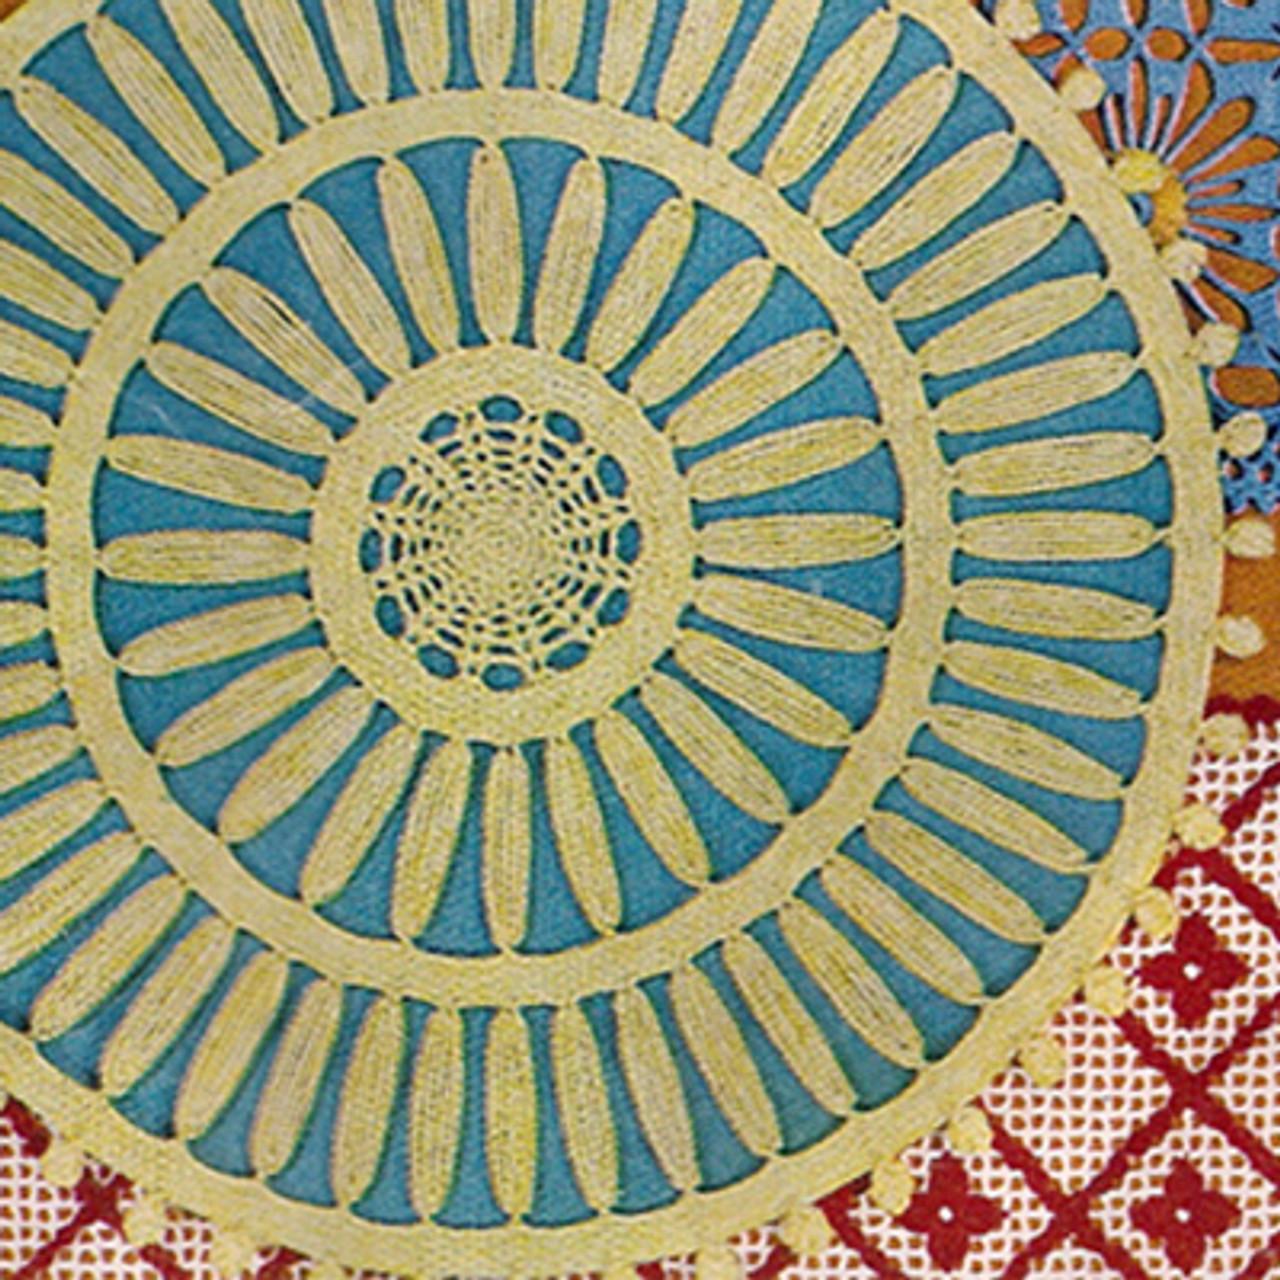 Crocheted Double Wheel Doily Pattern